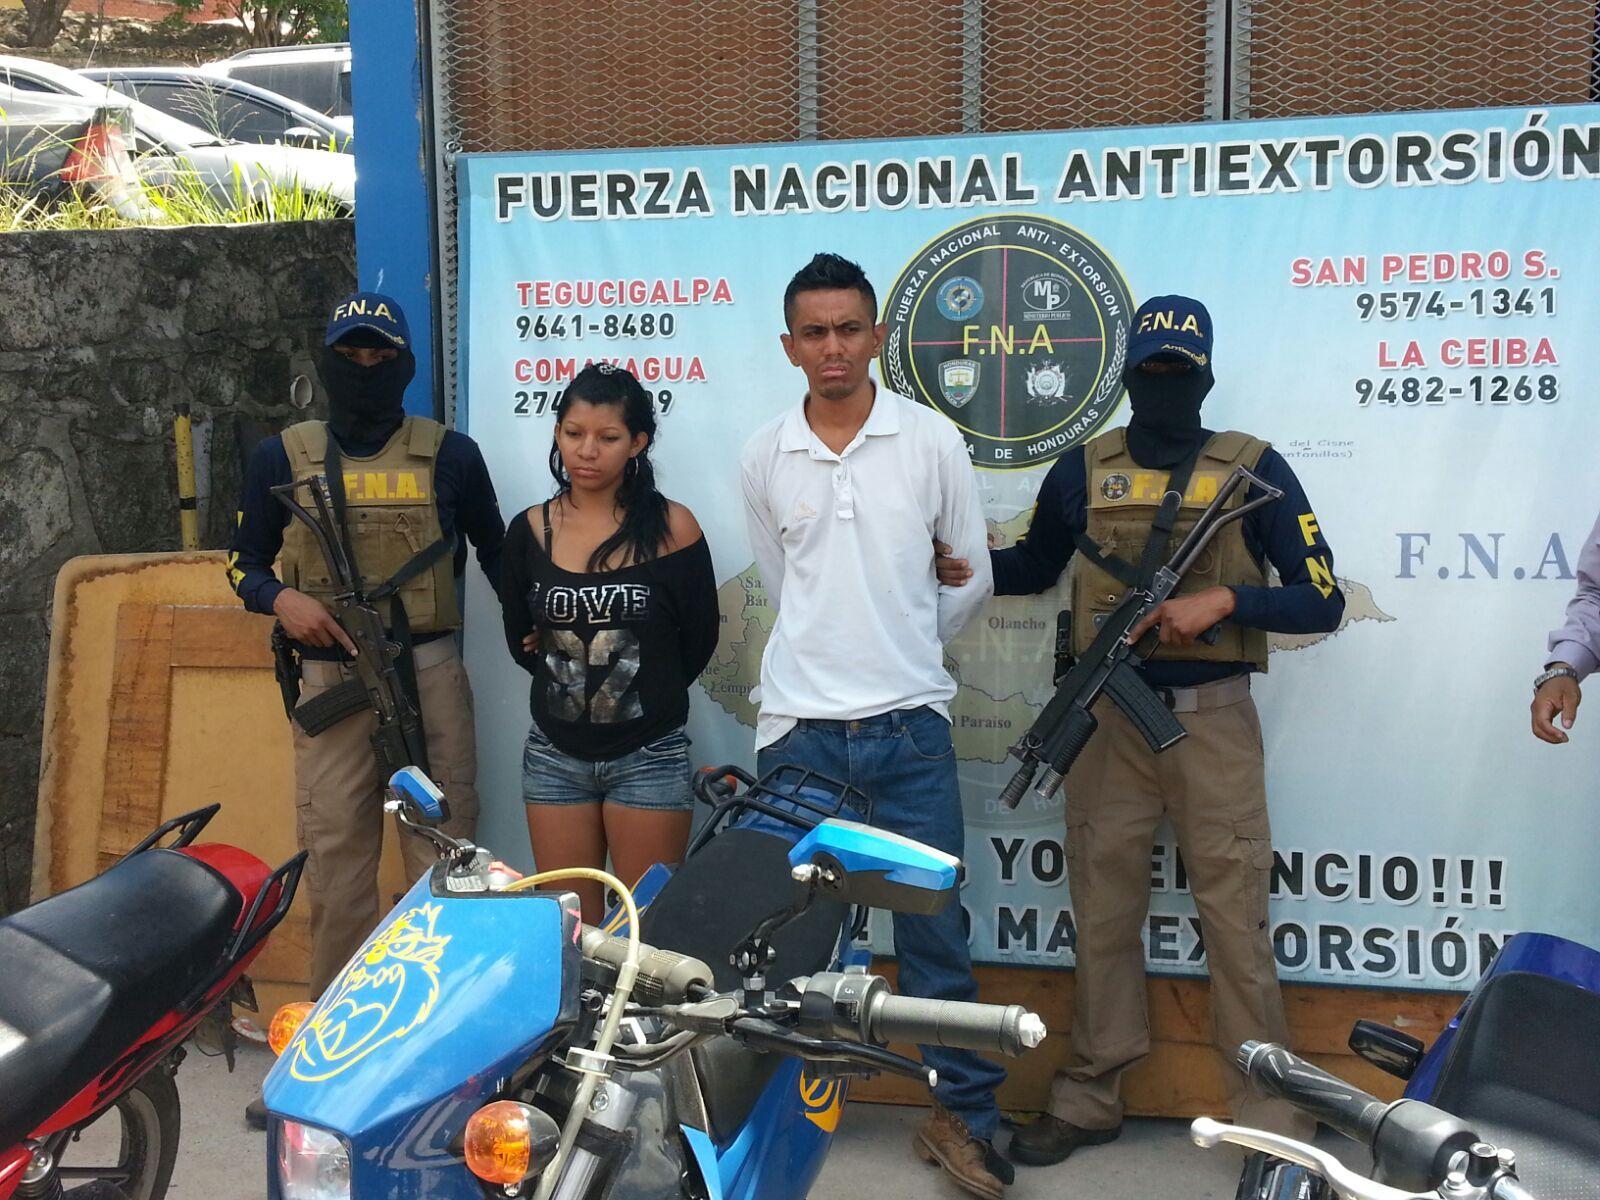 Honduras: Capturan a dos miembros activos de la mara 18 en la capital